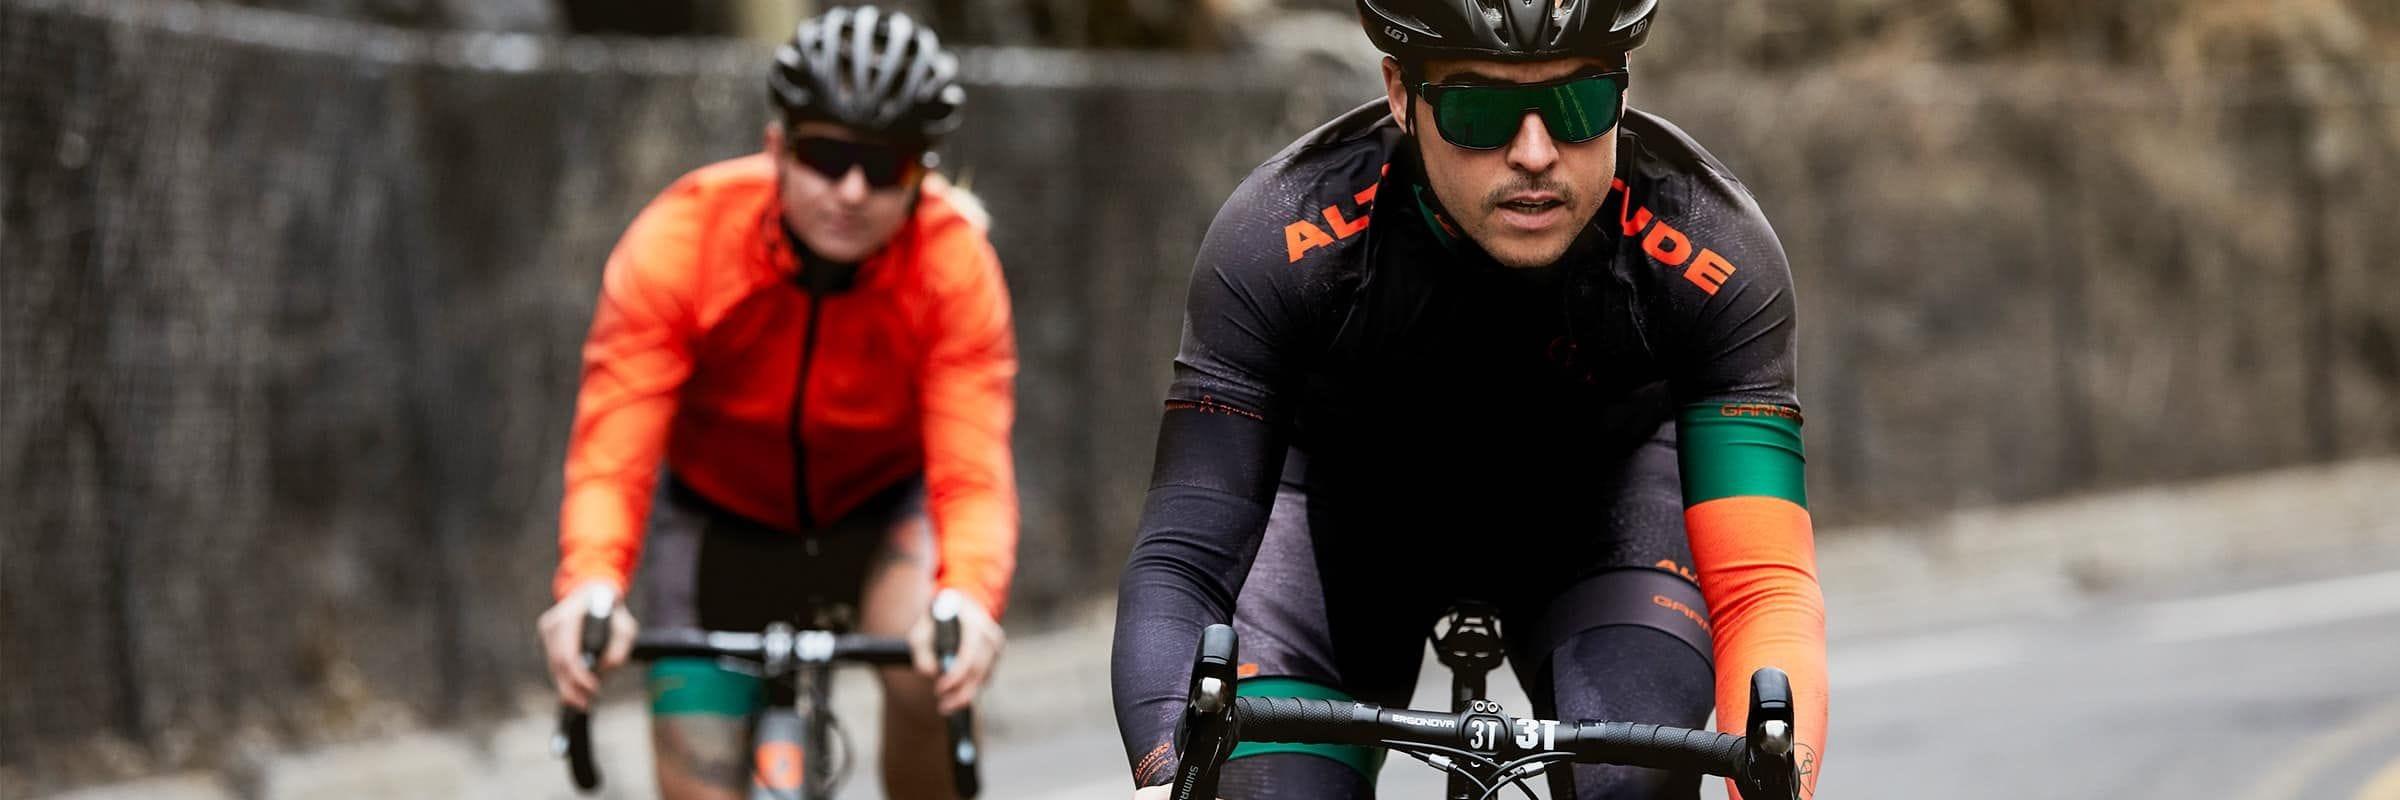 Ensemble de vélo Altitude Sports X Garneau: l'édition 2019 est arrivée